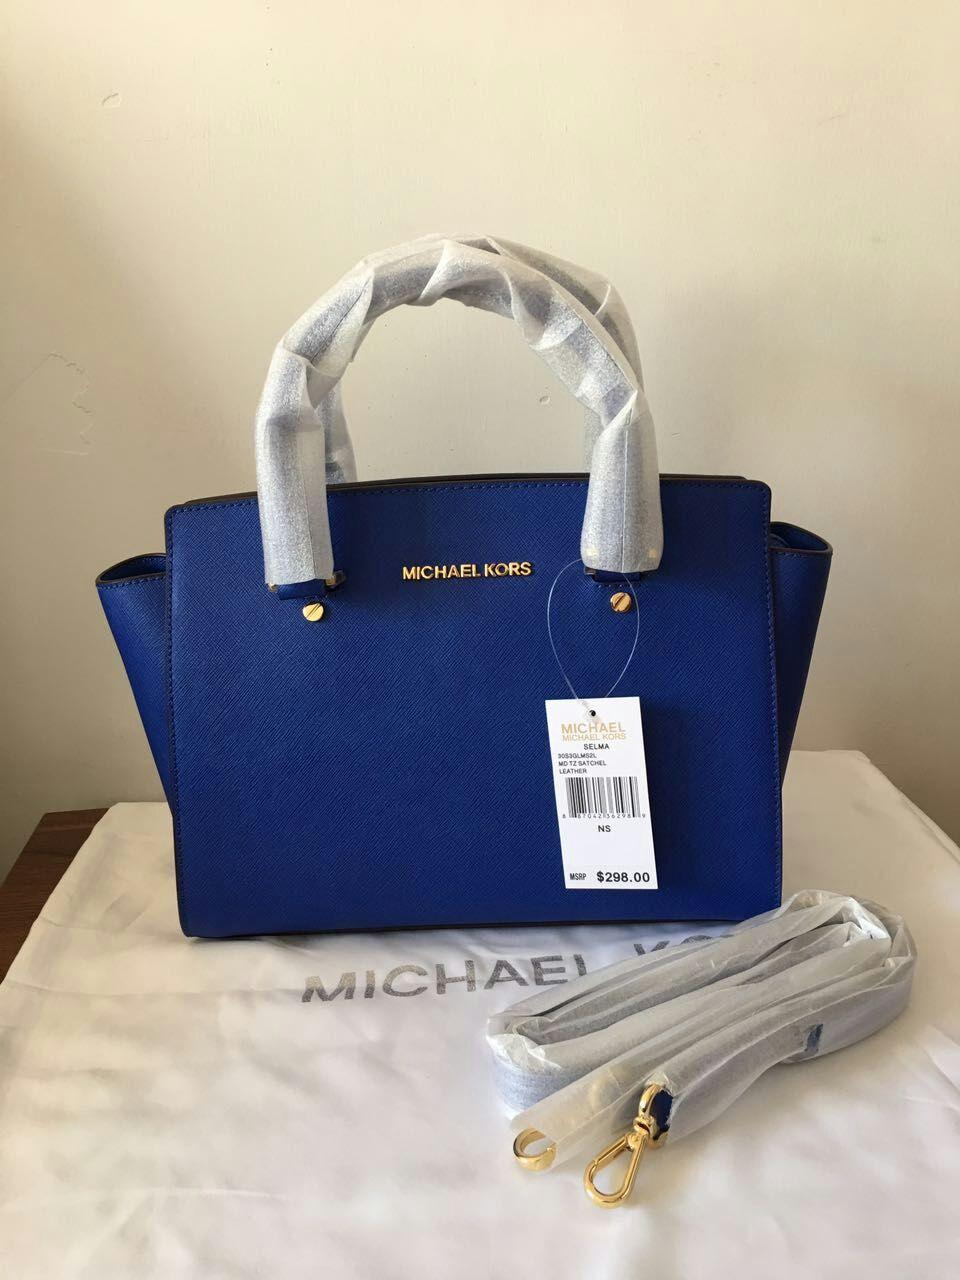 3f2225d087 Qq 20170114140034. Qq 20170114140034. Previous. Michael Kors Women s Selma  Medium Top Zip Satchel Satchel Handbag Electric Blue